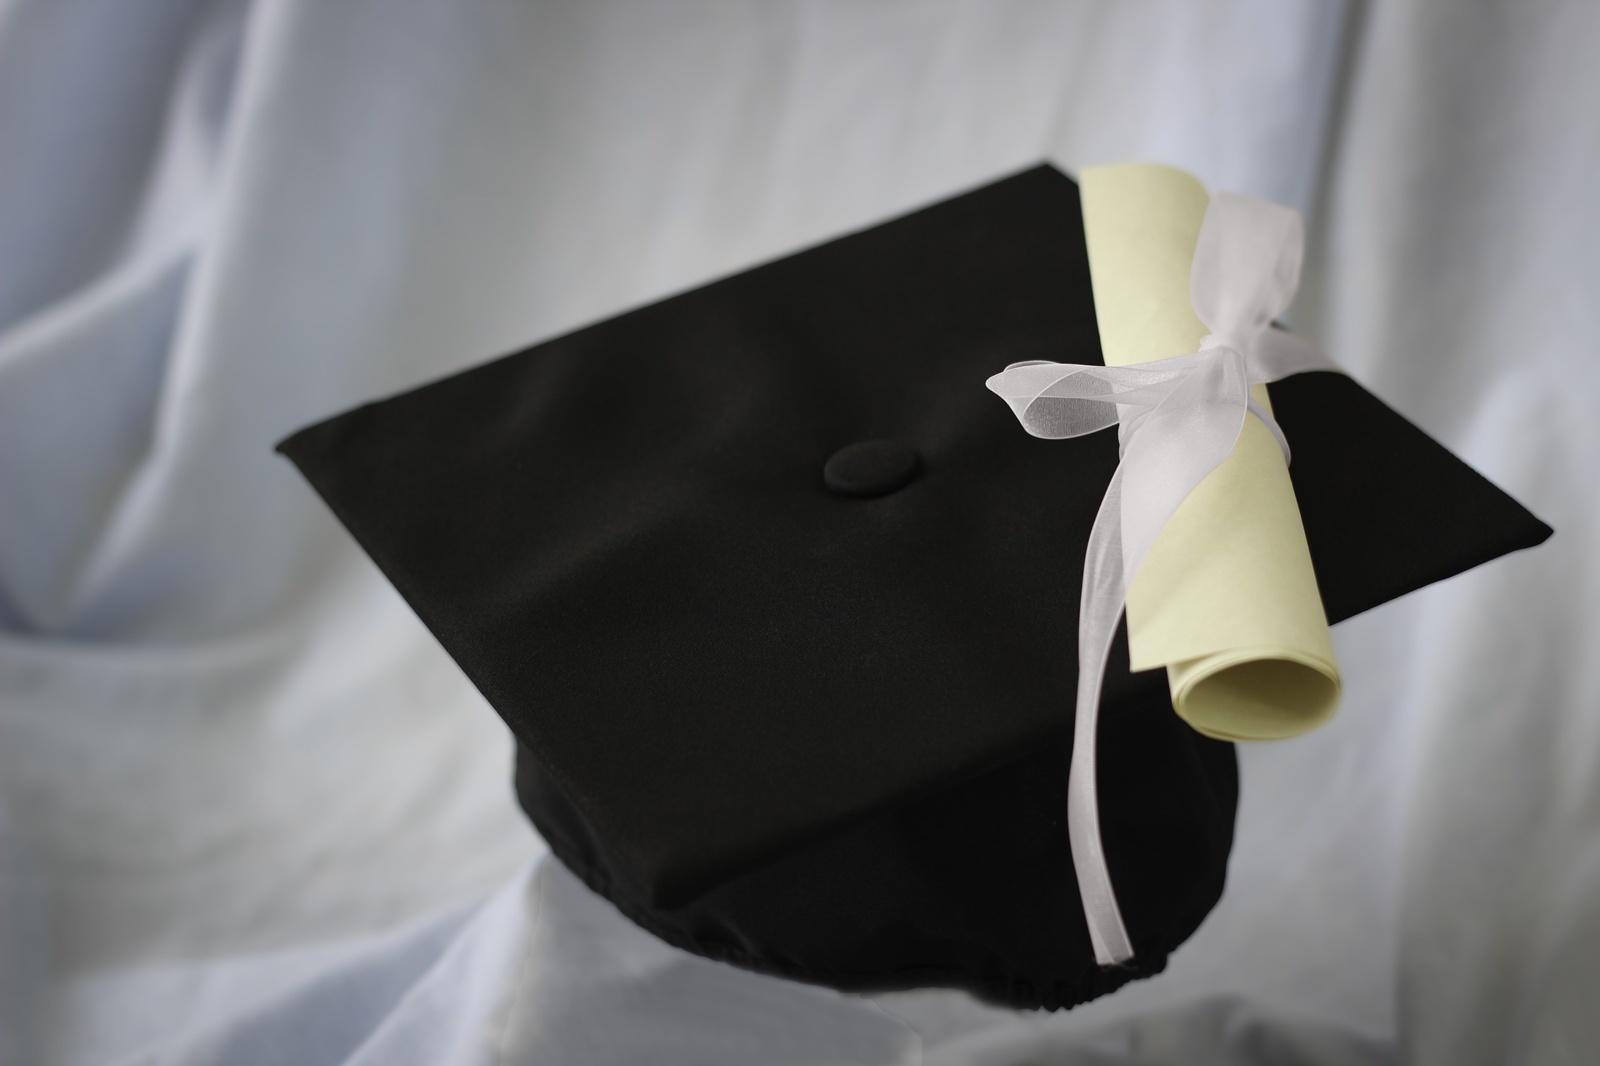 Vyriausybė nepritaria siūlymui dvigubinti socialines stipendijas studentams